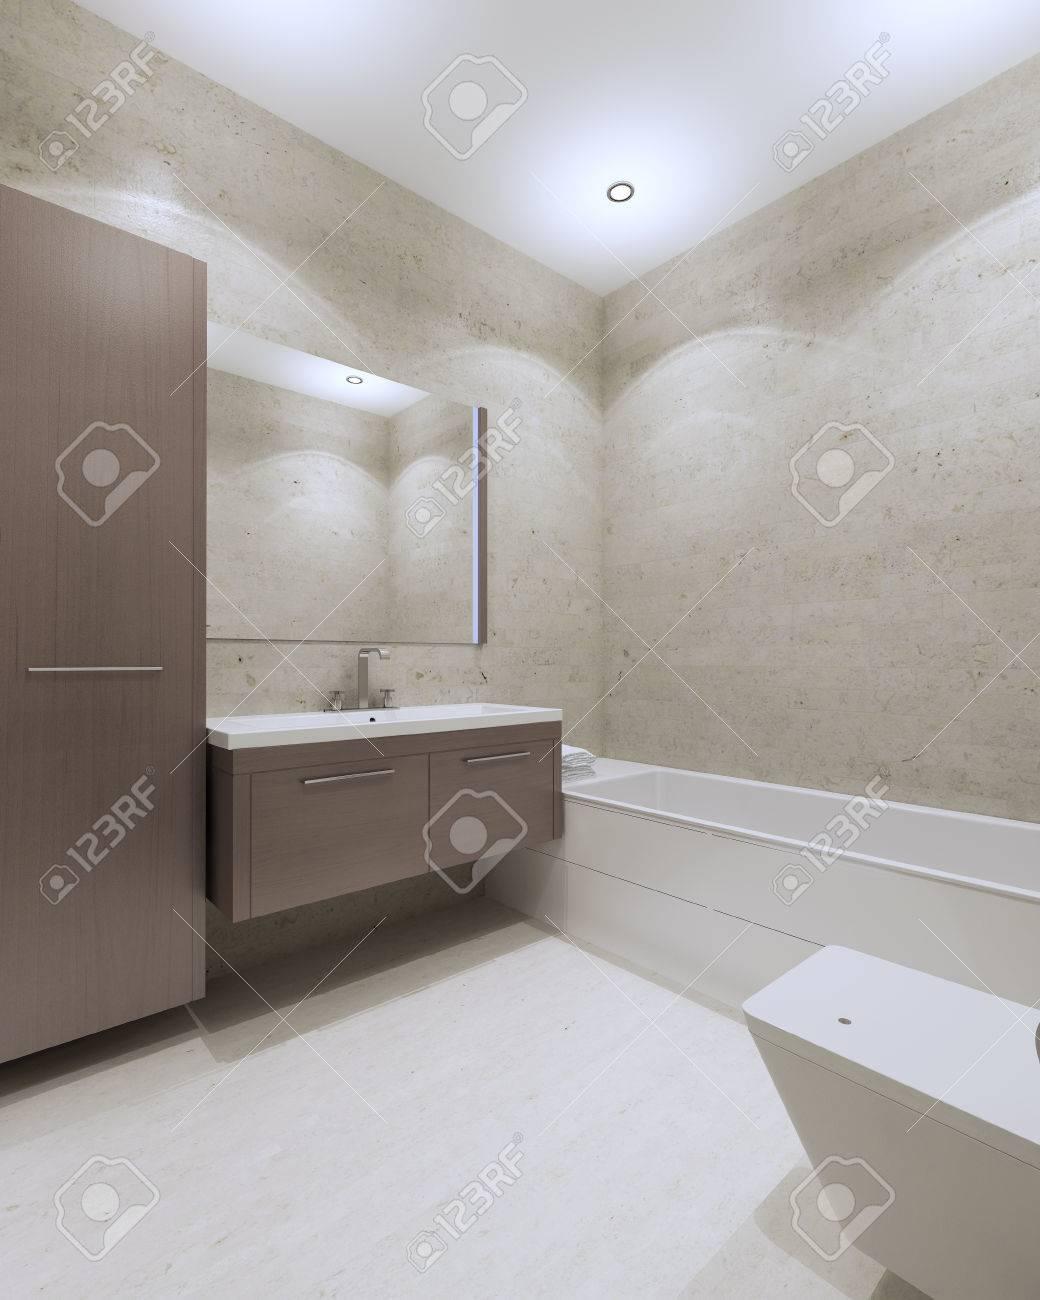 Cuarto De Baño Moderno Con Muebles De Color Marrón, Un Gran Espejo ...